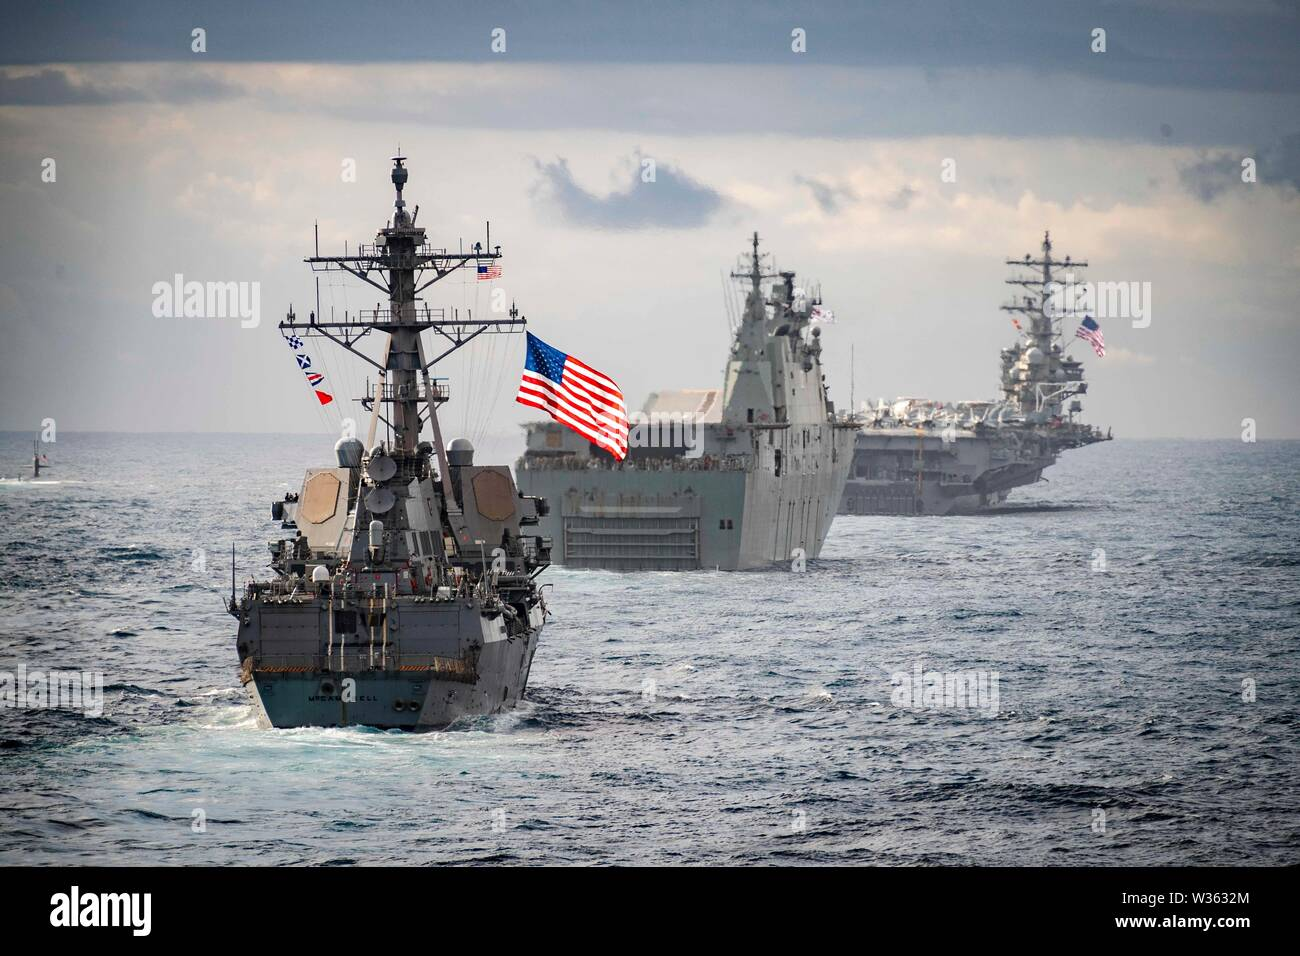 190711-N-WI365-1052 Mar de Tasmania (el 11 de julio, 2019) - La base de aterrizaje anfibio buque USS Ashland (LSD 48) Velas en formación detrás de la clase Arleigh Burke de misiles guiados destructor USS McCampbell (DDG 85), centro de la Real Marina Australiana Canberra landing helicopter dock clase HMAS Canberra (L02), a la izquierda, la Marina de los EE.UU. Los Ángeles clase ataque submarino USS Key West (SSN 722), extremo izquierdo, y la Marina de los EE.UU. clase Nimitz portaaviones USS Ronald Reagan (CVN 76), durante el Talisman Sabre 2019. Ashland, parte de las WASP Amphibious Ready Group, inició con 31 Unidad Expedicionaria de los Infantes de Marina, se encuentra actualmente Foto de stock